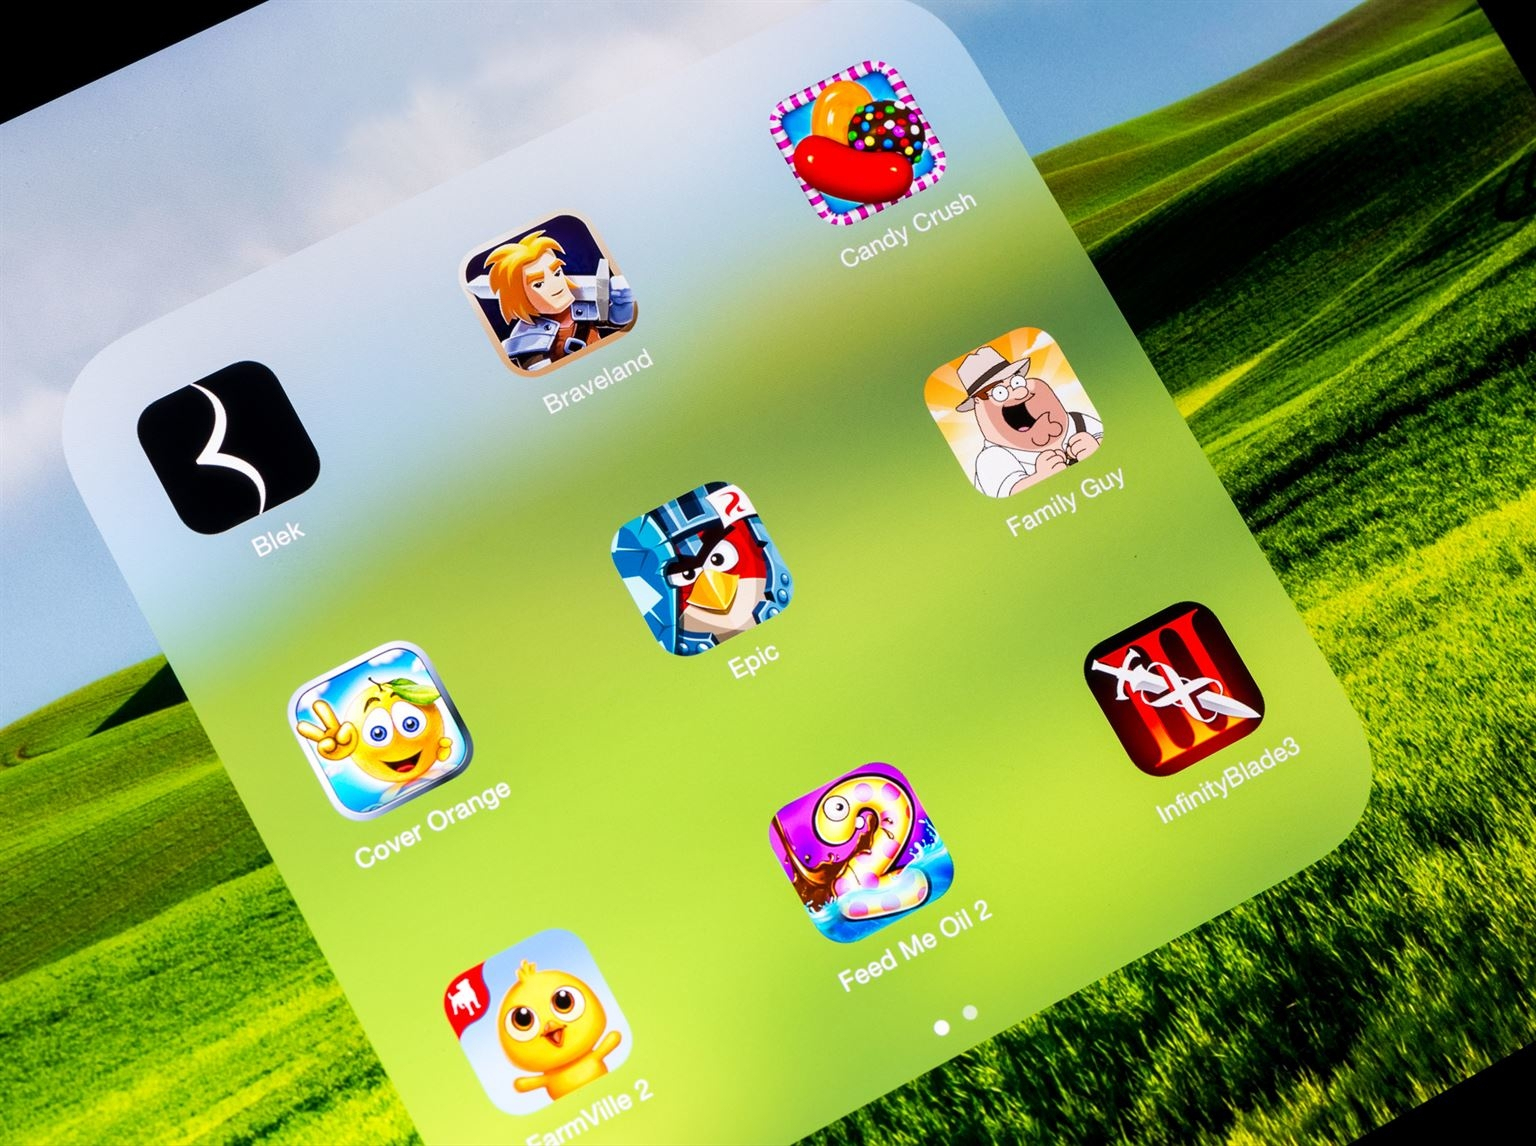 Jeux Sur Tablette: 64 Choix Pour Enfants | Protégez-Vous.ca tout Jeux Educatif En Ligne Gratuit